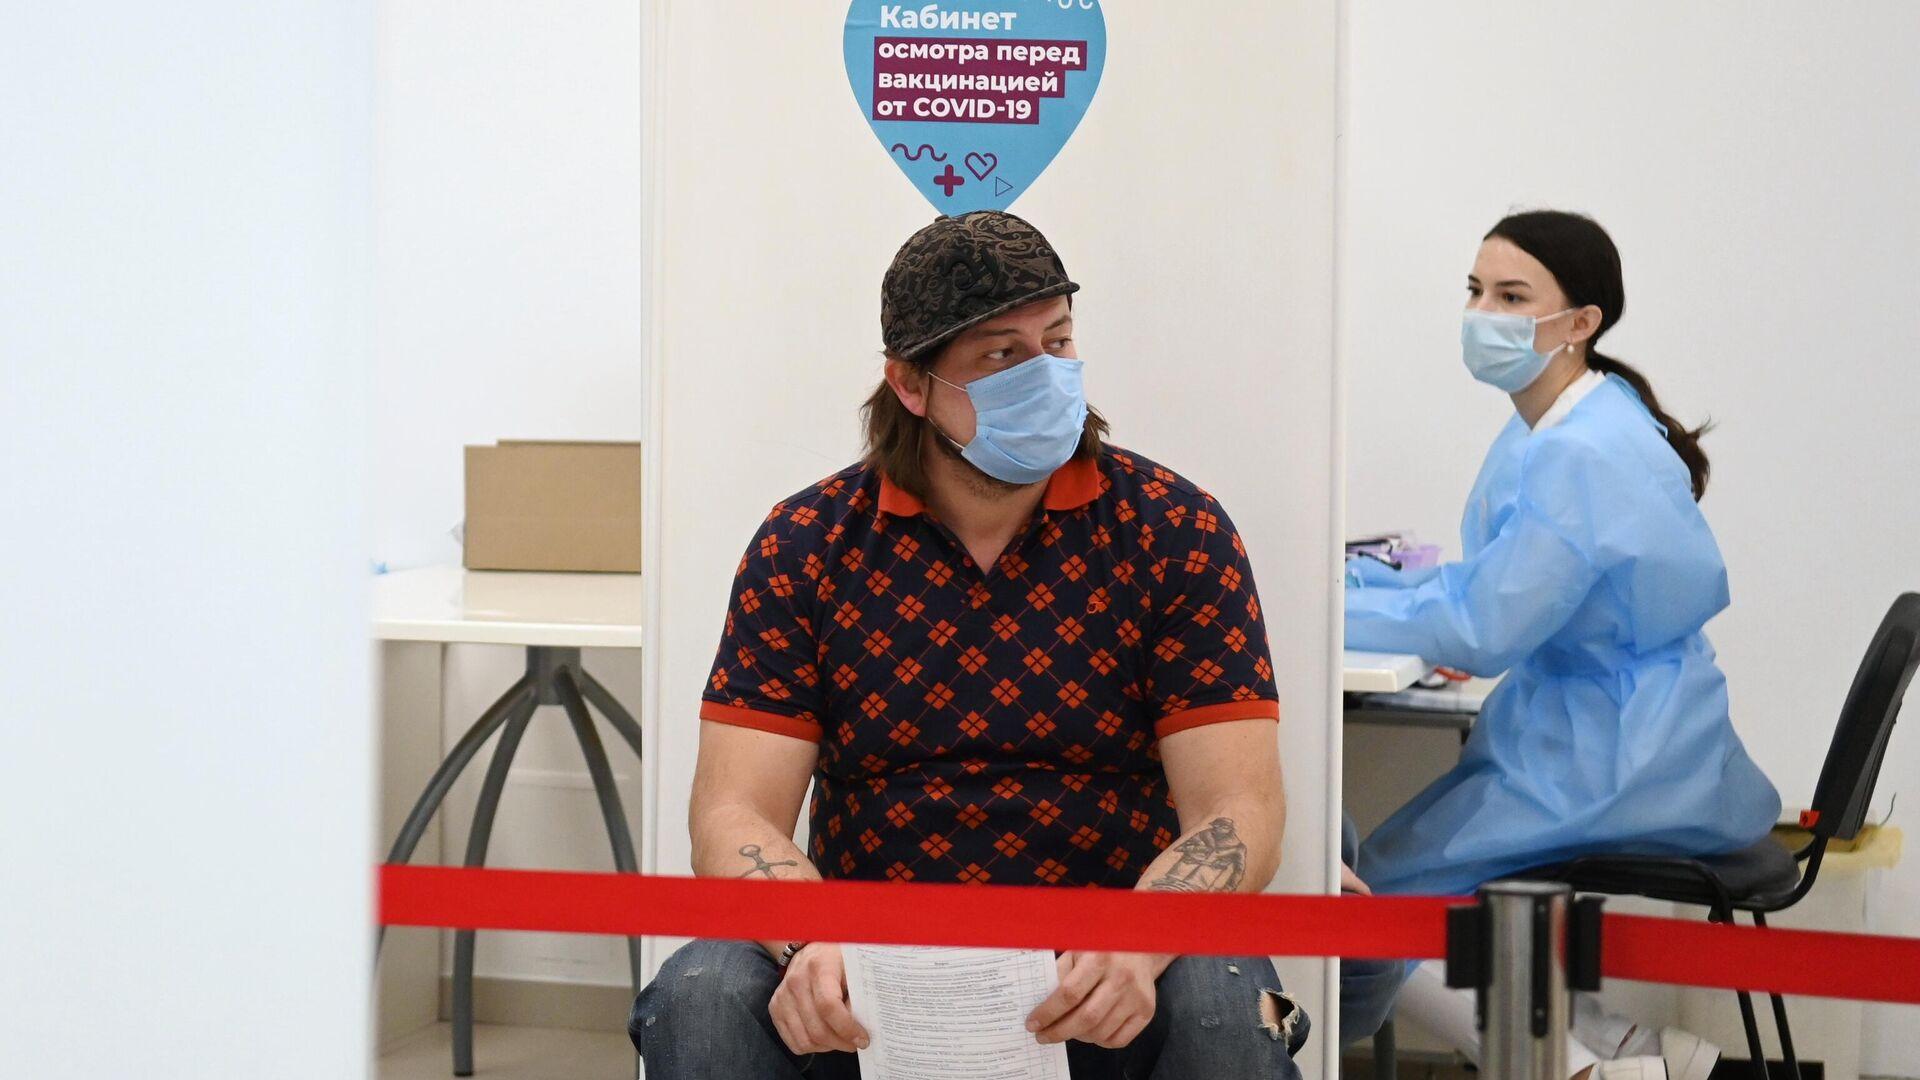 Мужчина перед вакцинацией от COVID-19 в мобильном пункте вакцинации в торговом центре Кунцево Плаза в Москве - РИА Новости, 1920, 04.06.2021